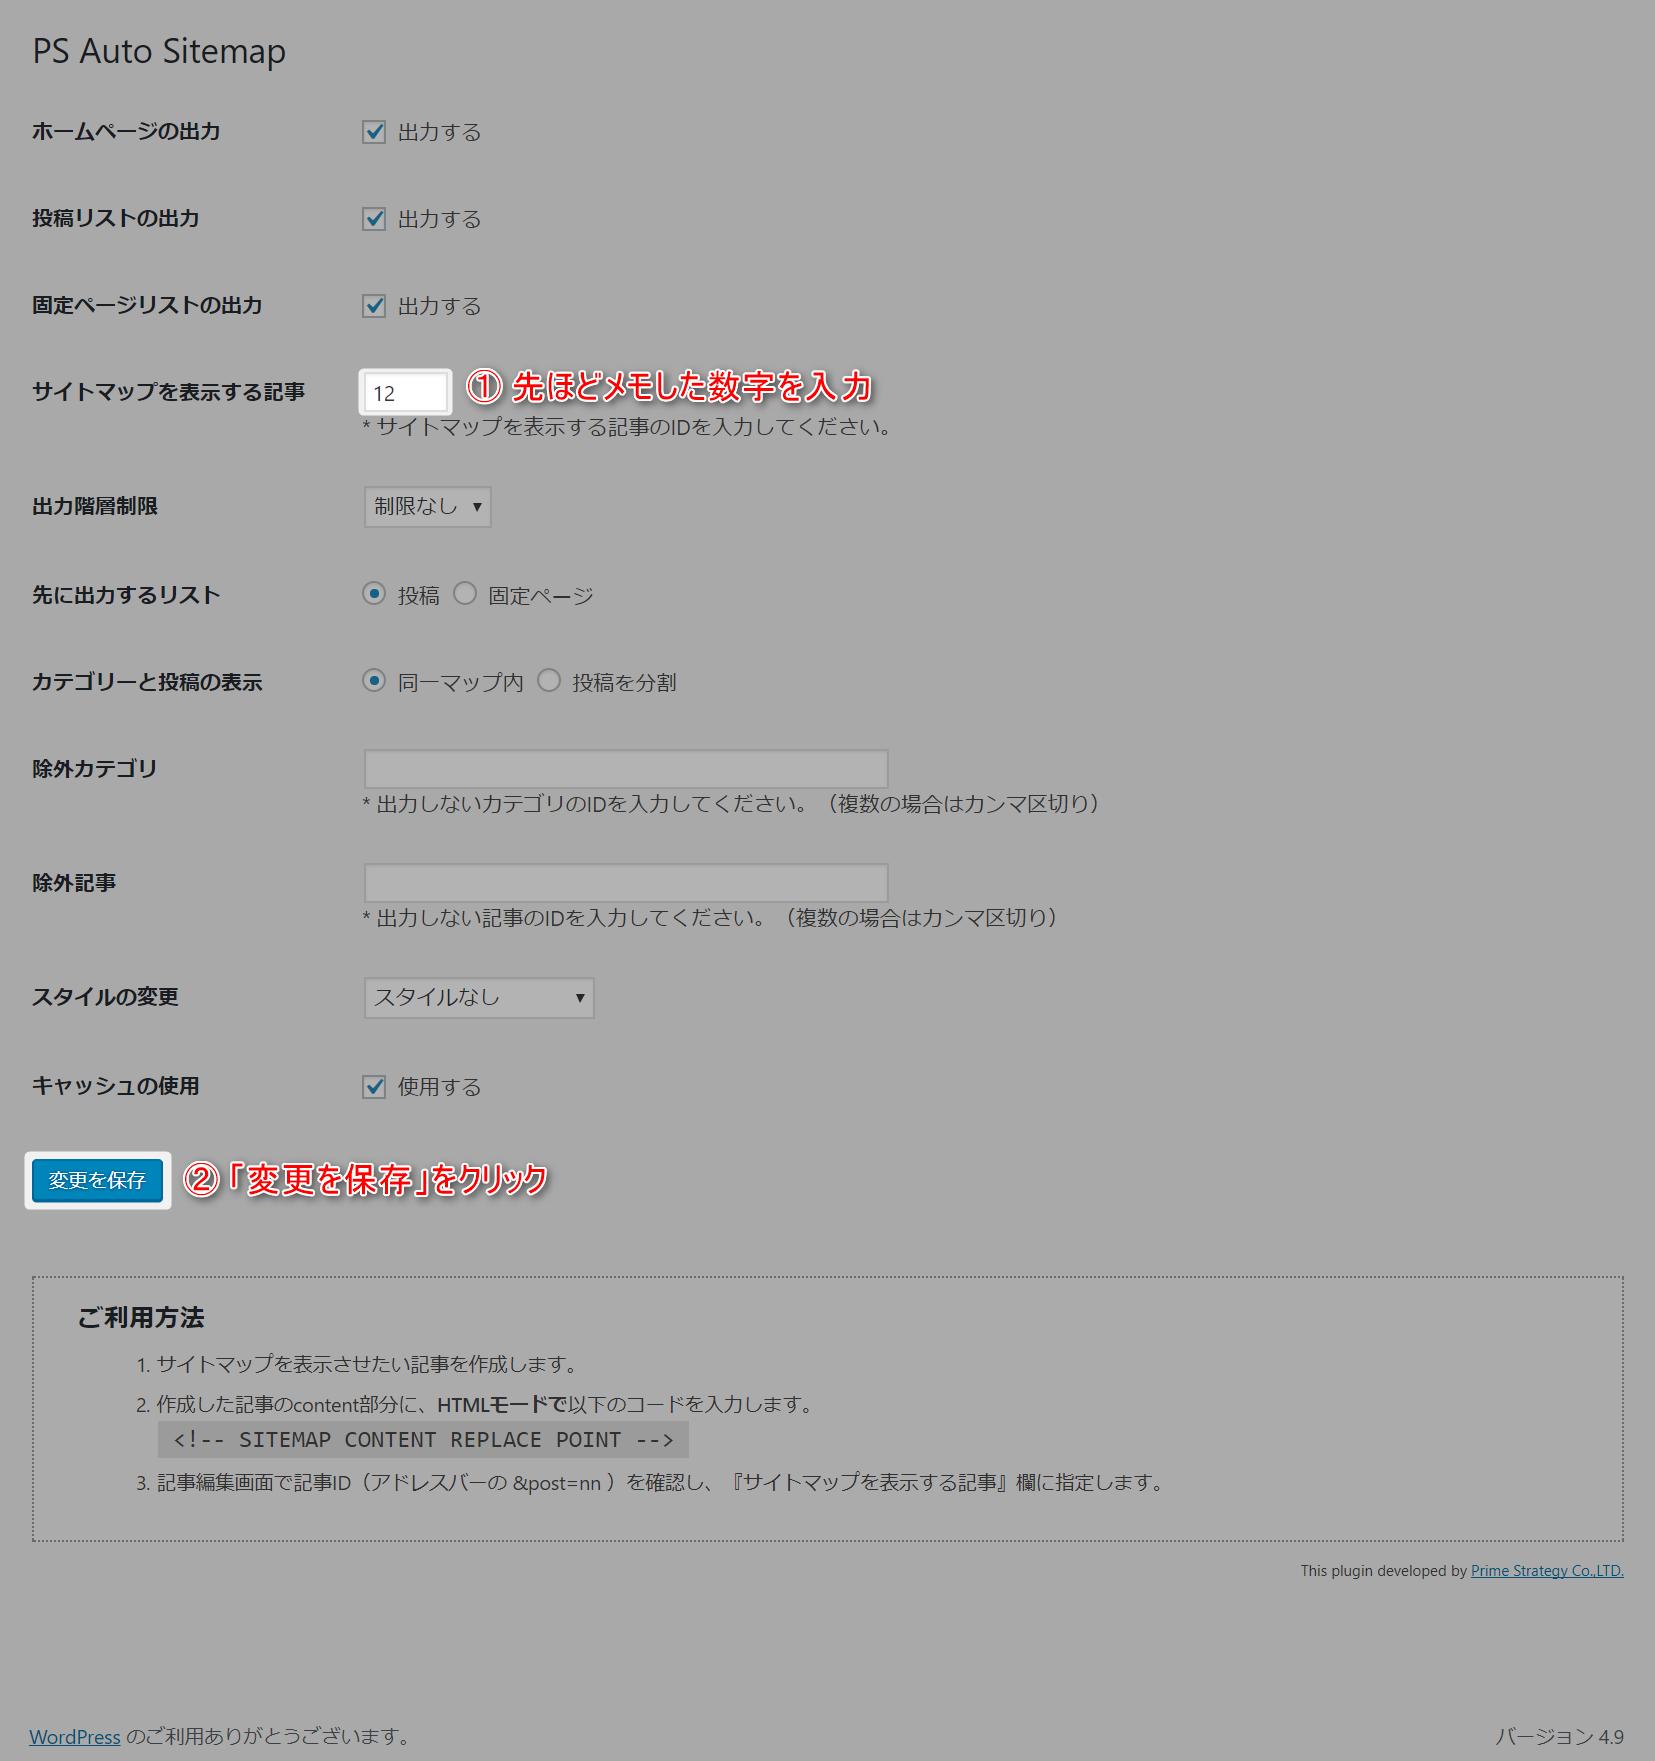 サイトマップを表示する記事IDを入力